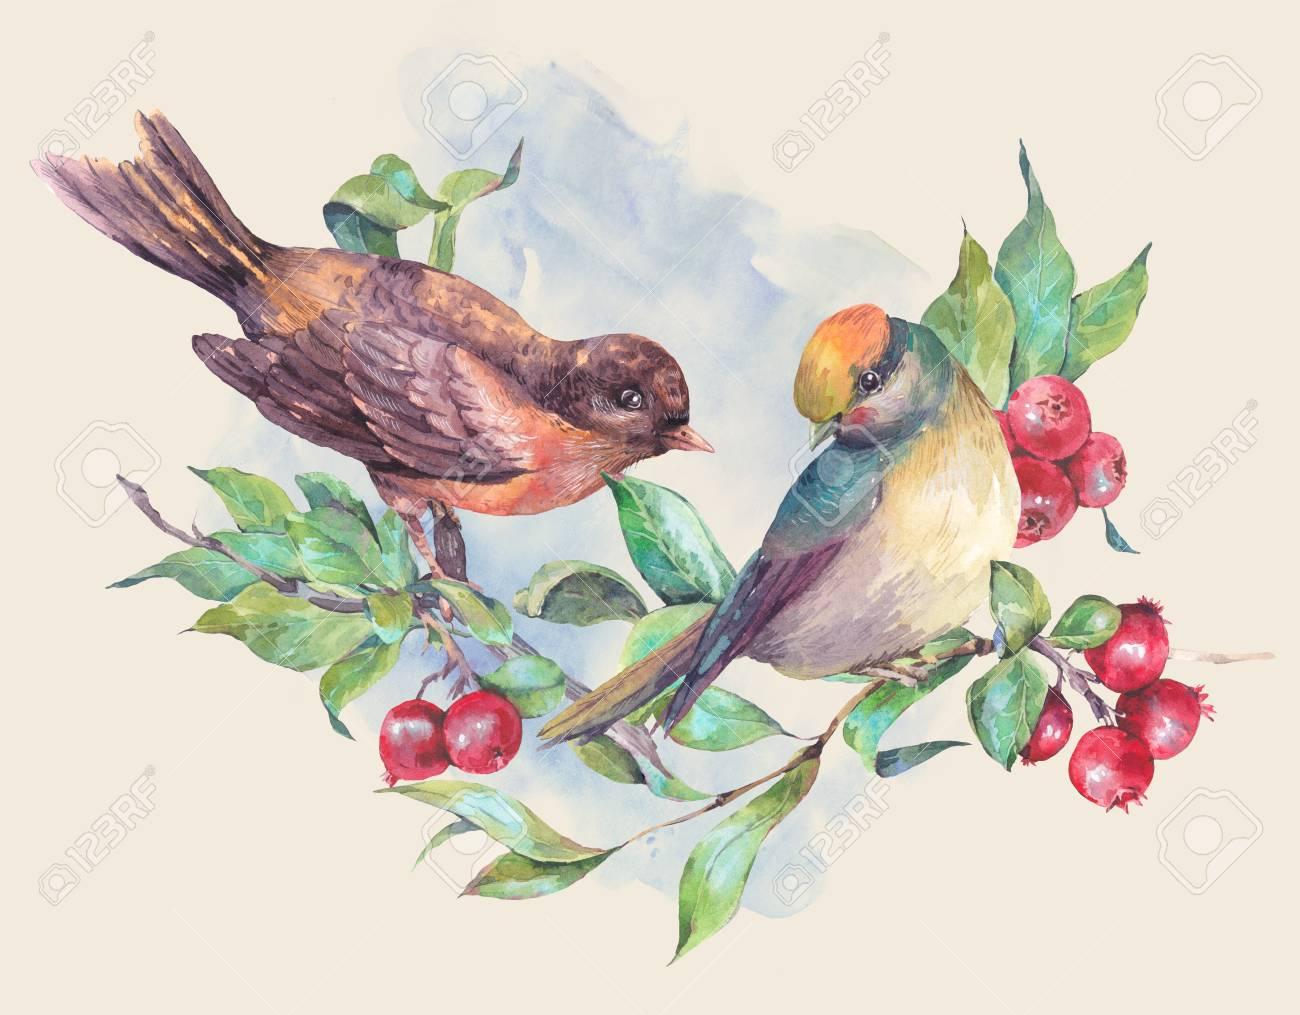 Vintage Dessin A La Main Carte Aquarelle Paire D Oiseaux Sur Une